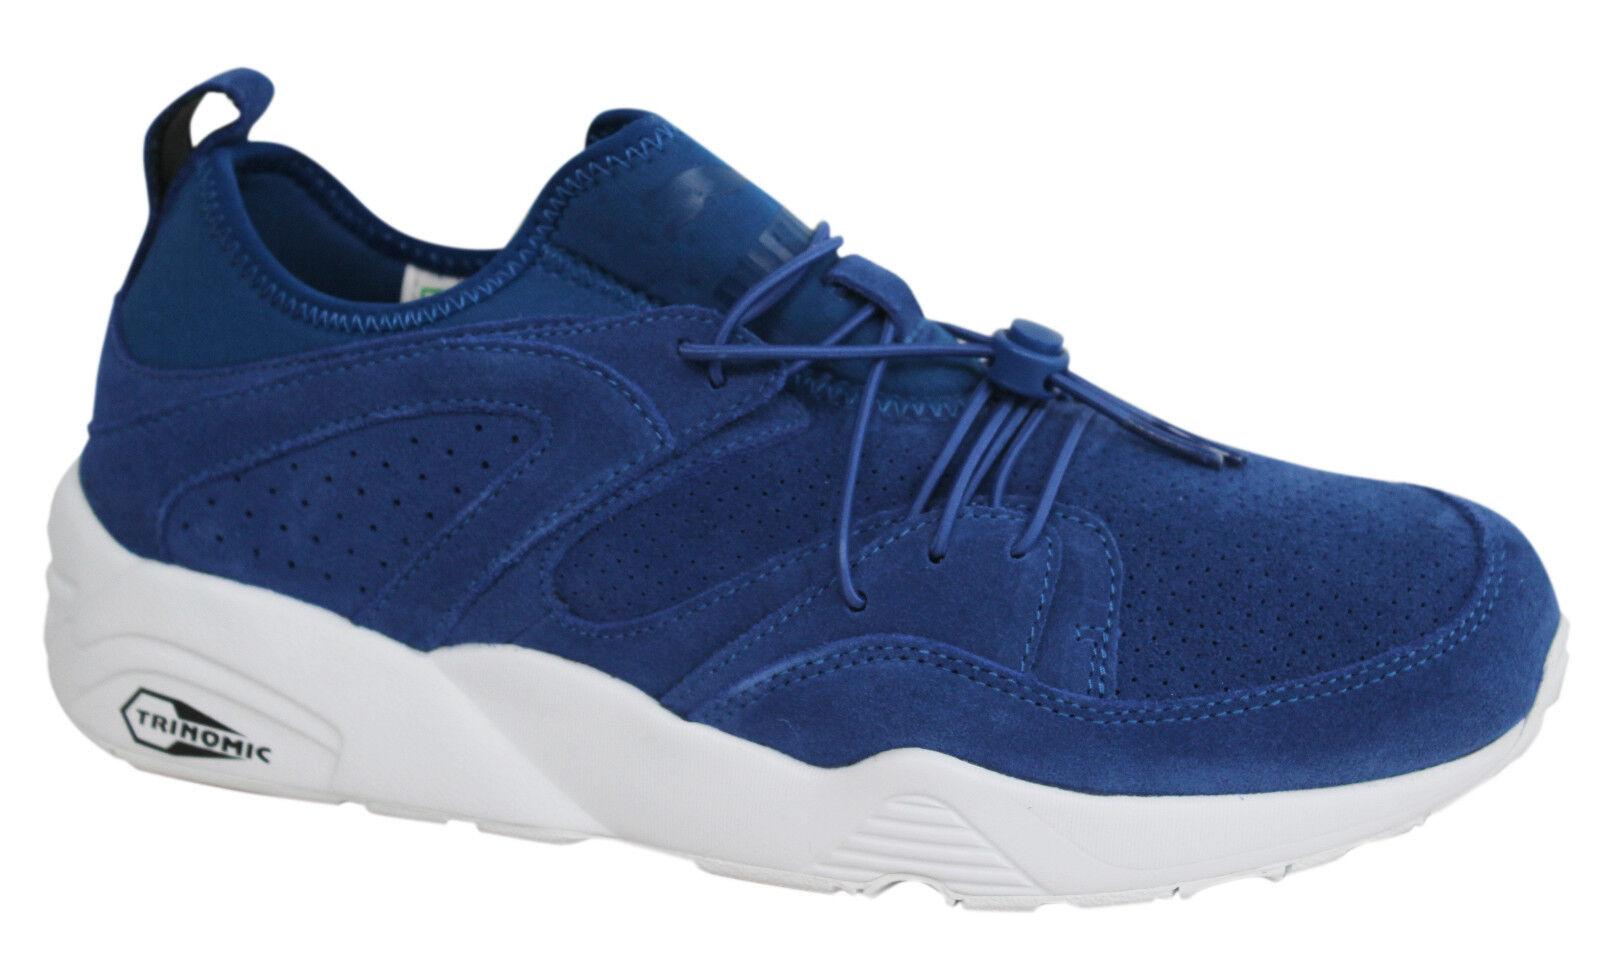 Puma trinomic Blaze of Glory suave Hombre Trainers 01 Shoes Azul Royal 360101 01 Trainers u95 baratos zapatos de mujer zapatos de mujer 7e4360